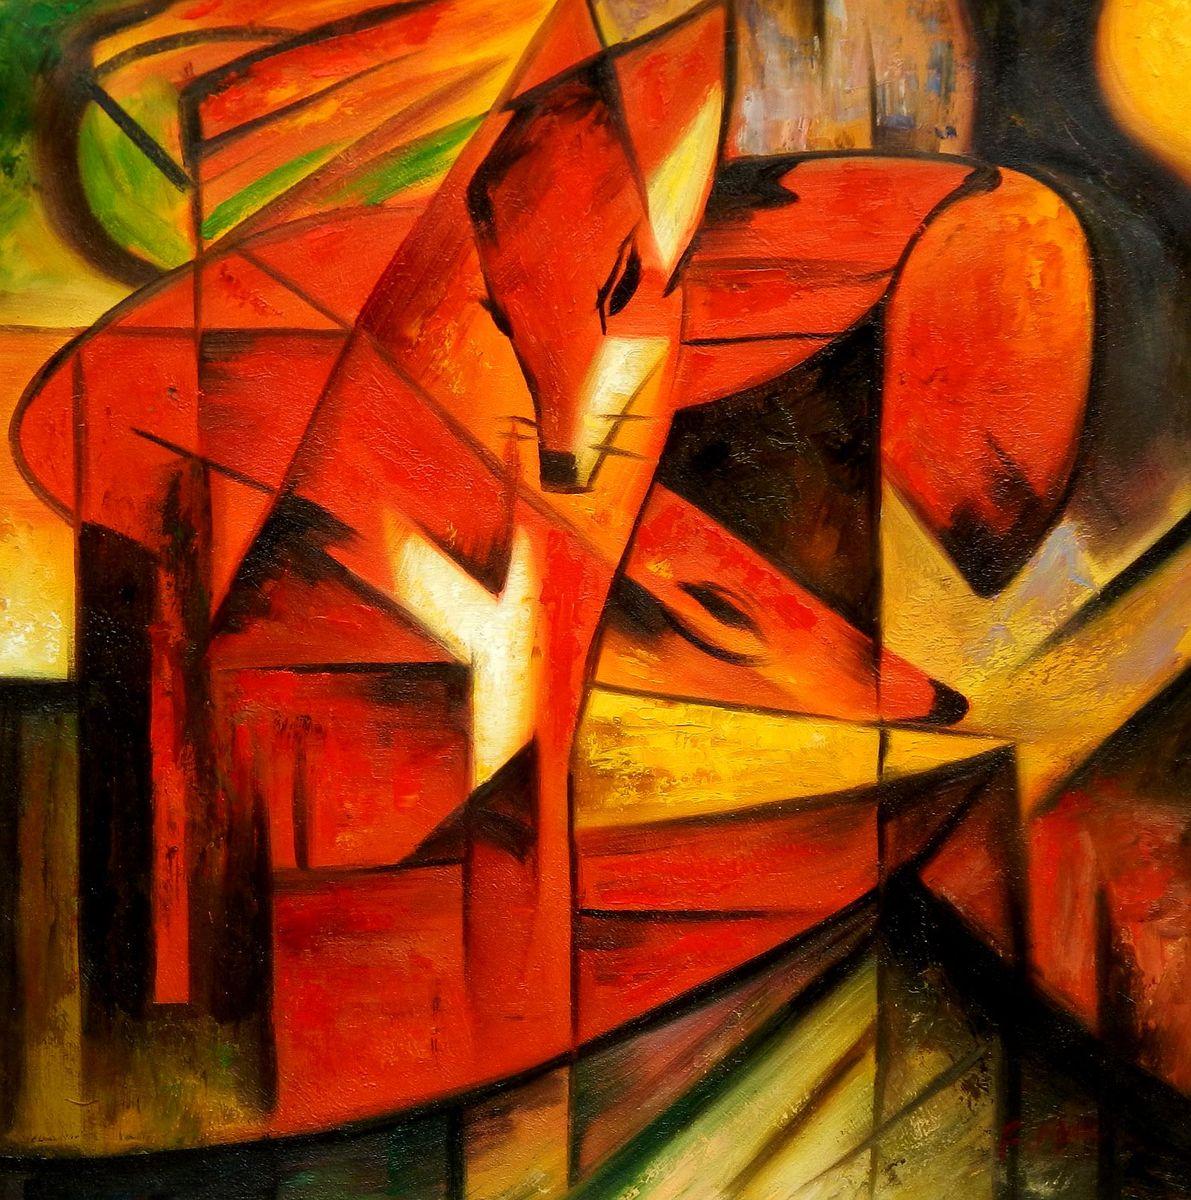 Franz Marc - Füchse e95798 60x60cm Expressionismus Ölgemälde handgemalt